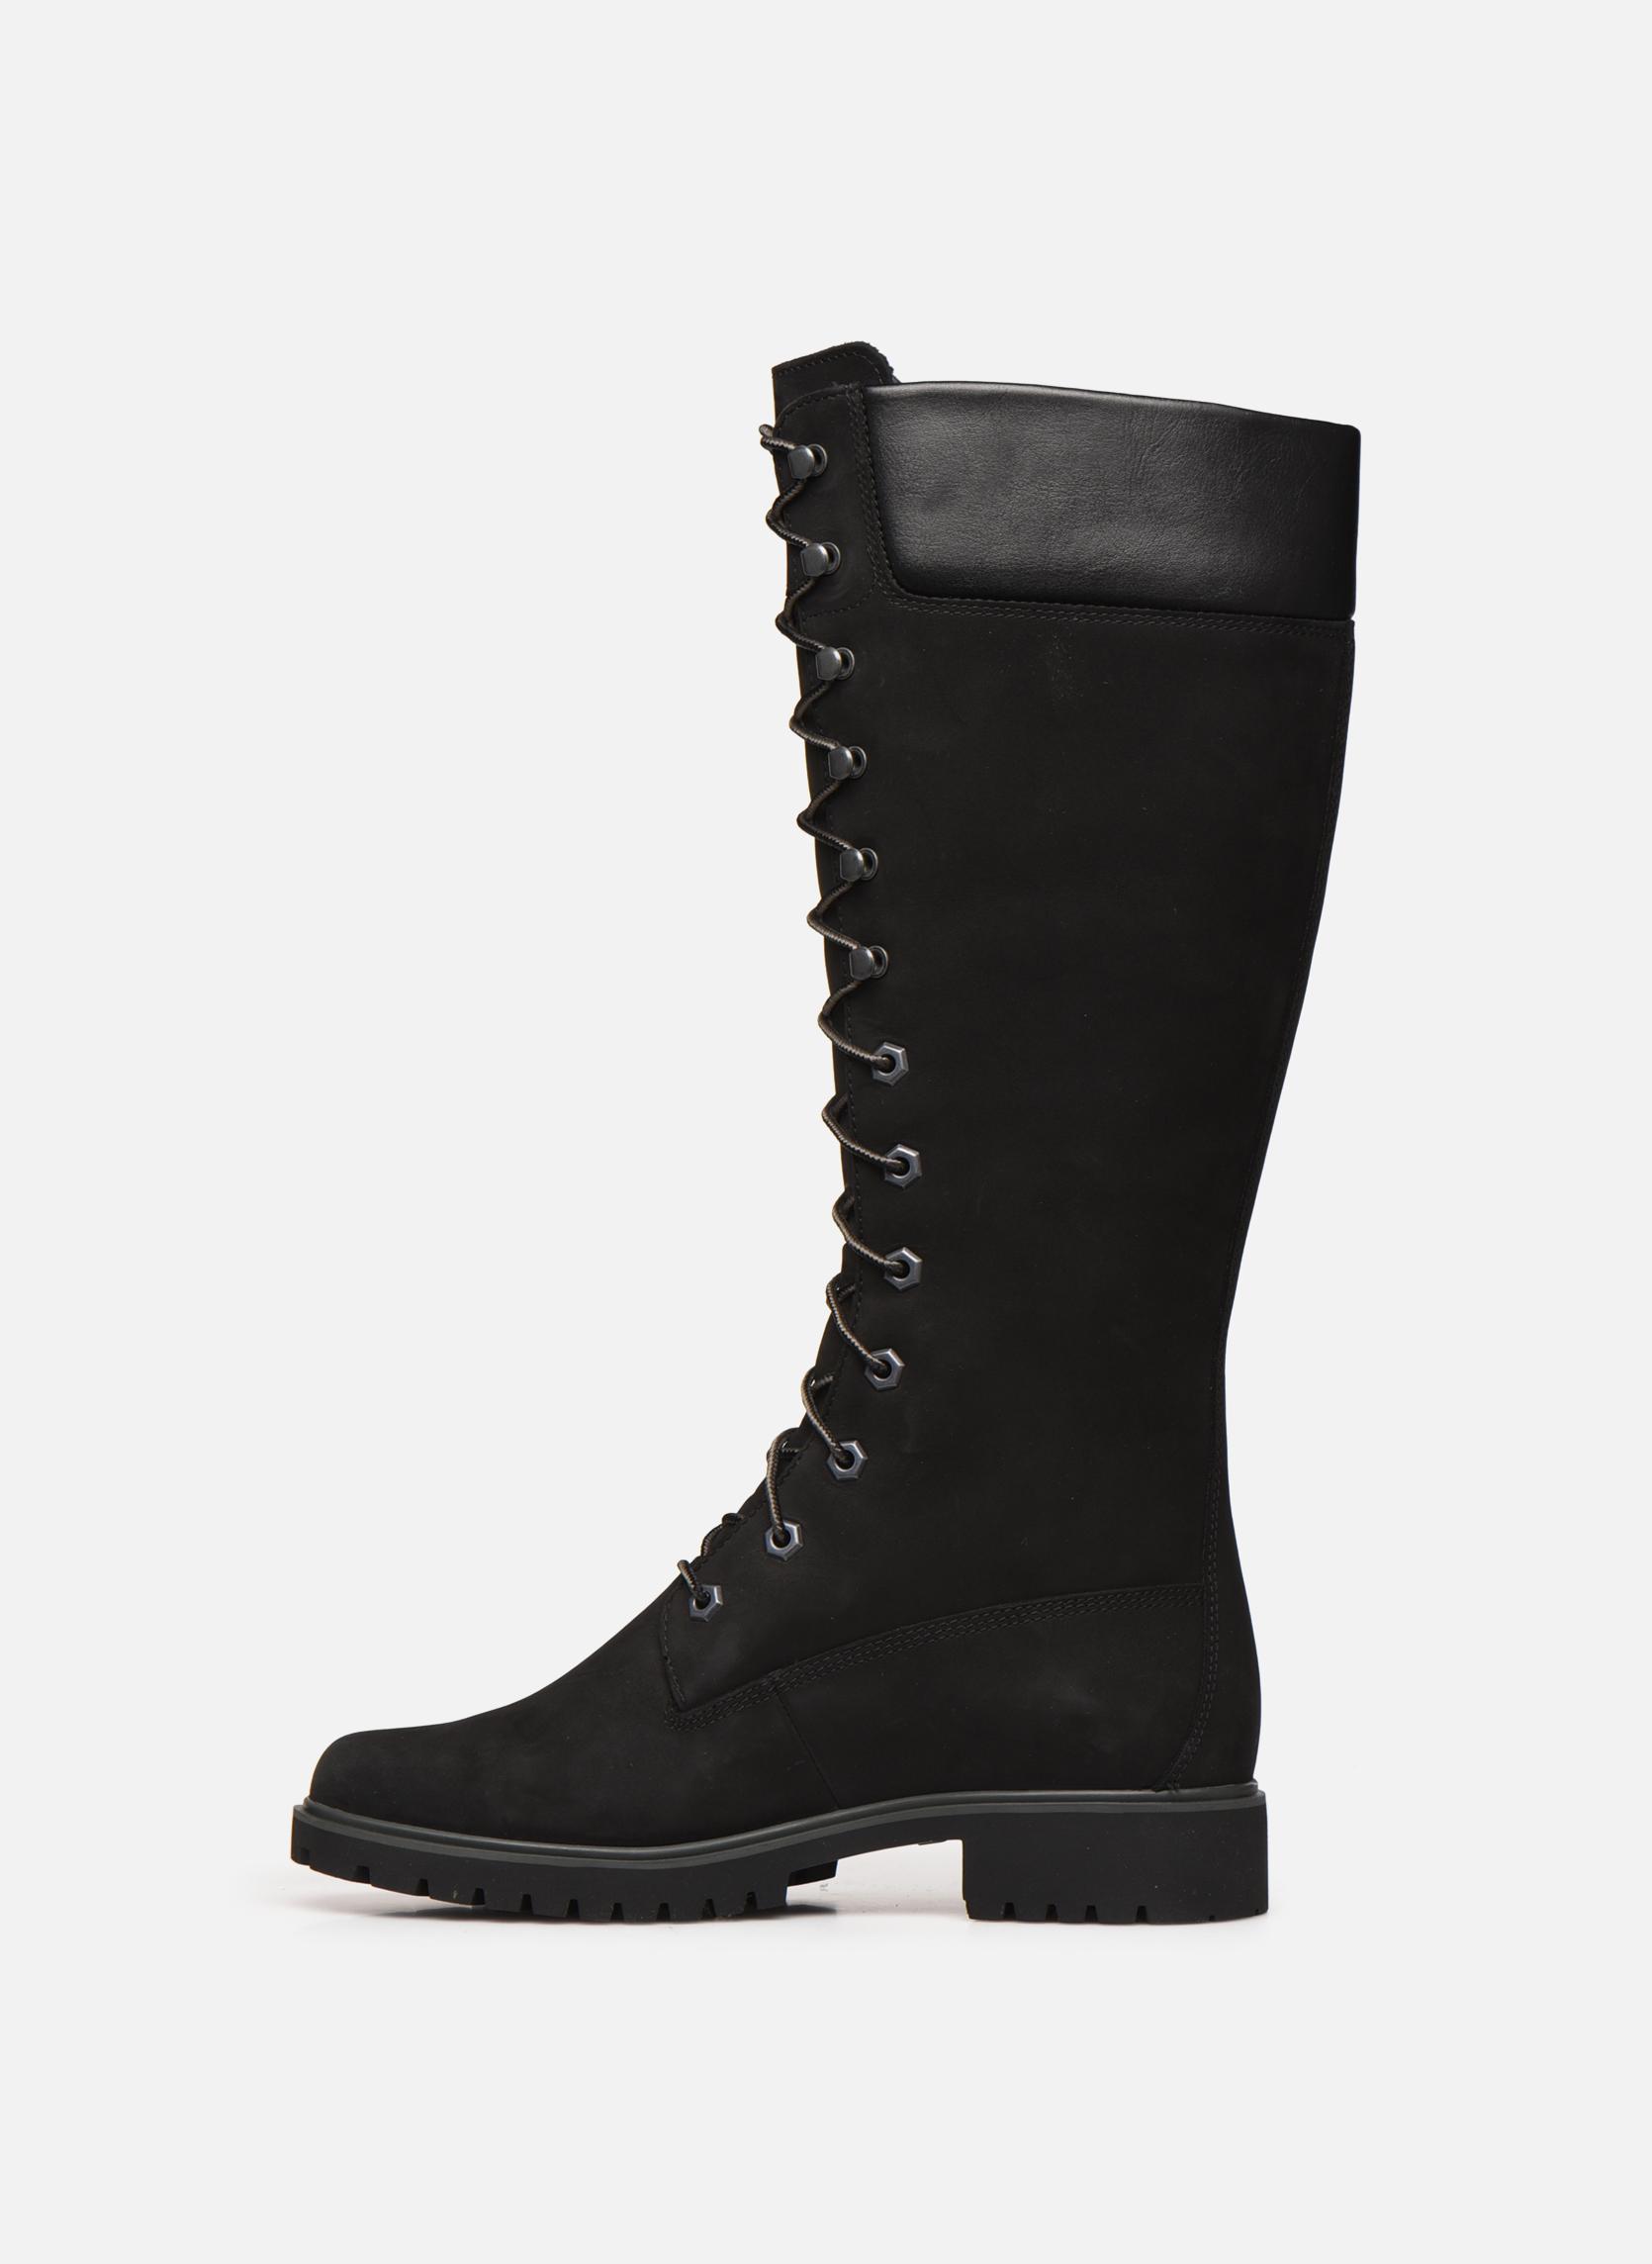 Stiefel Timberland Women's Premium 14 inch schwarz ansicht von vorne